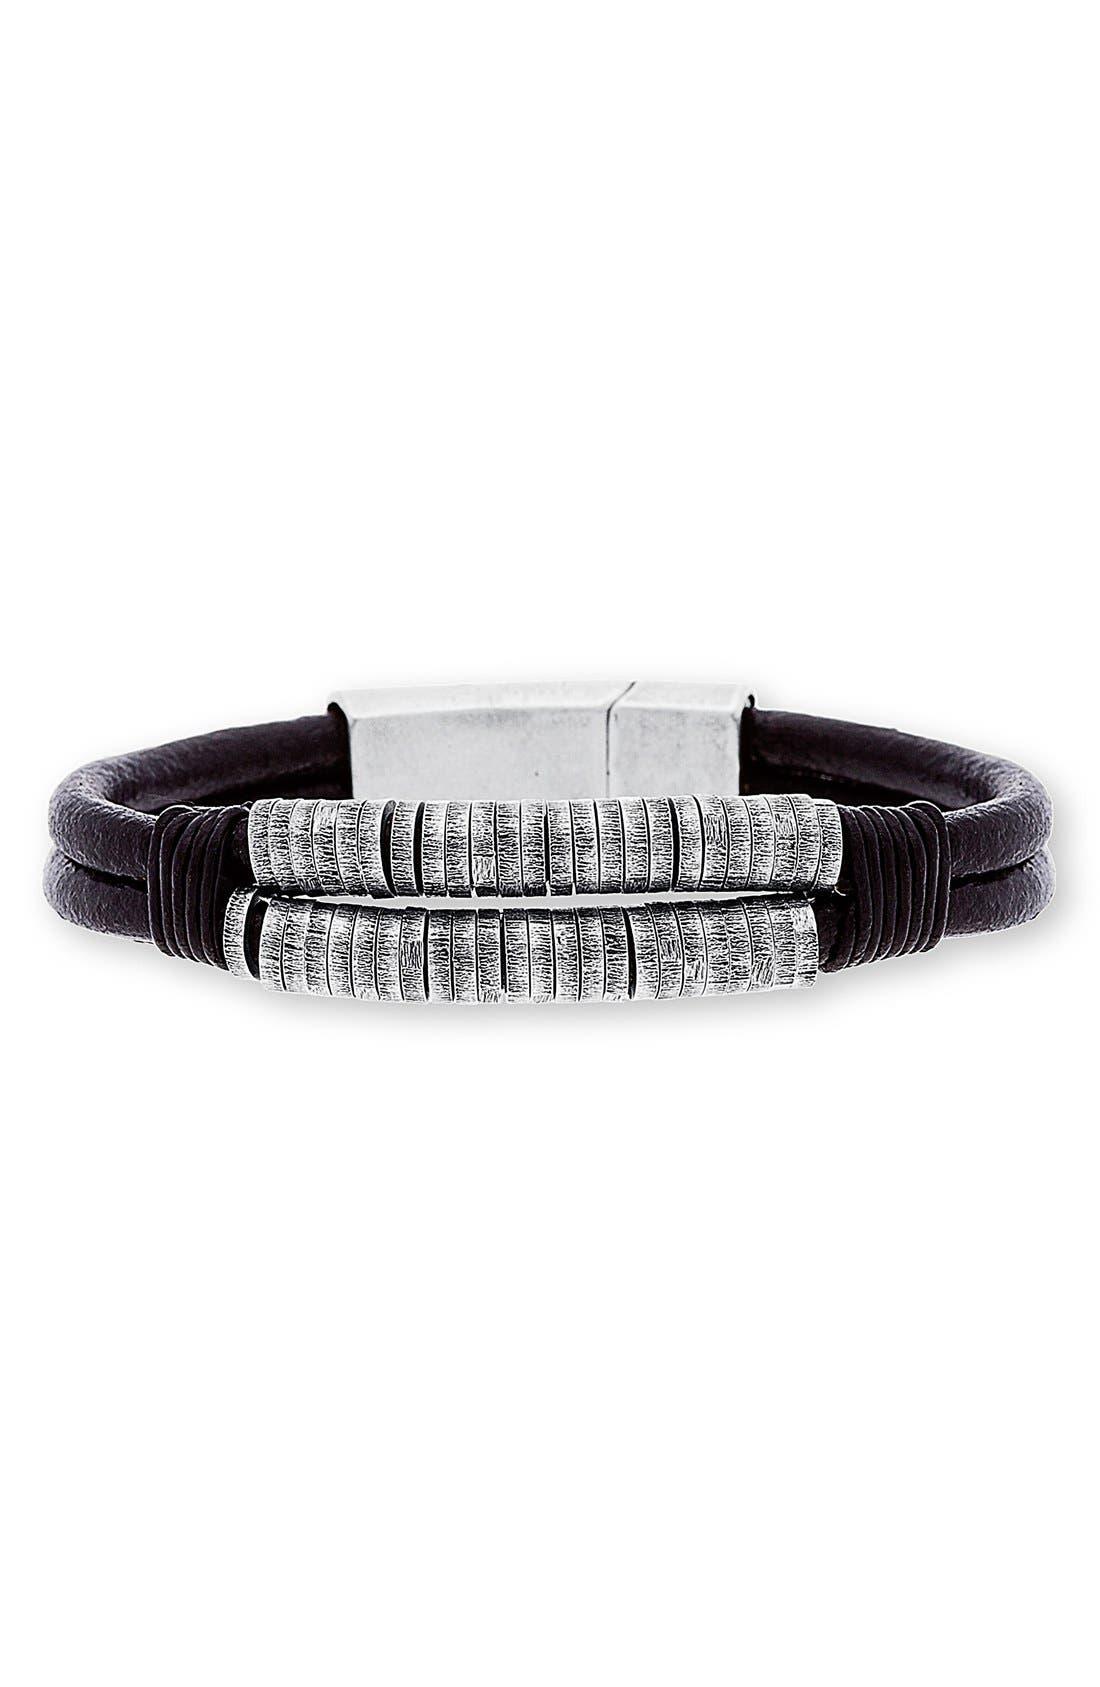 STEVE MADDEN Stainless Steel Bead Bracelet